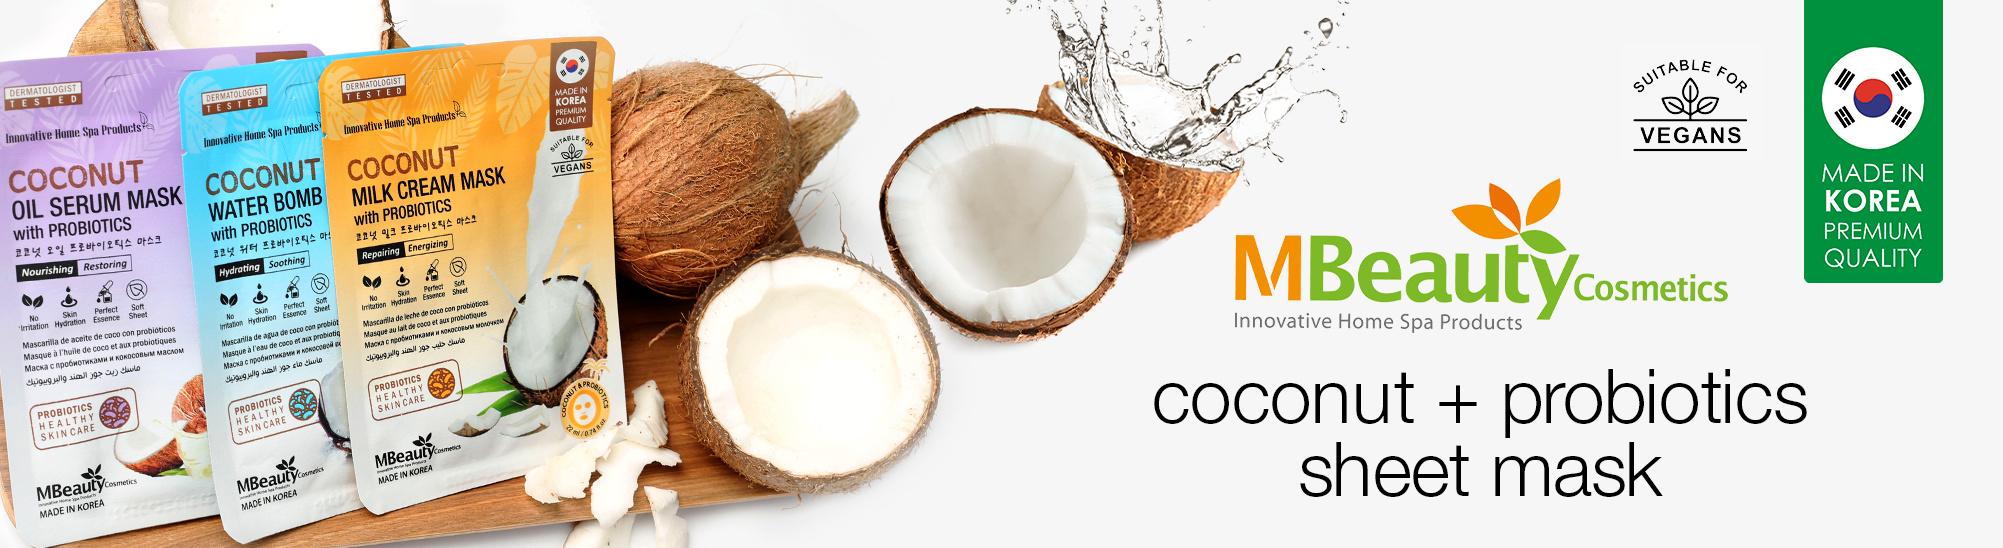 [MBeauty - coconut masks]